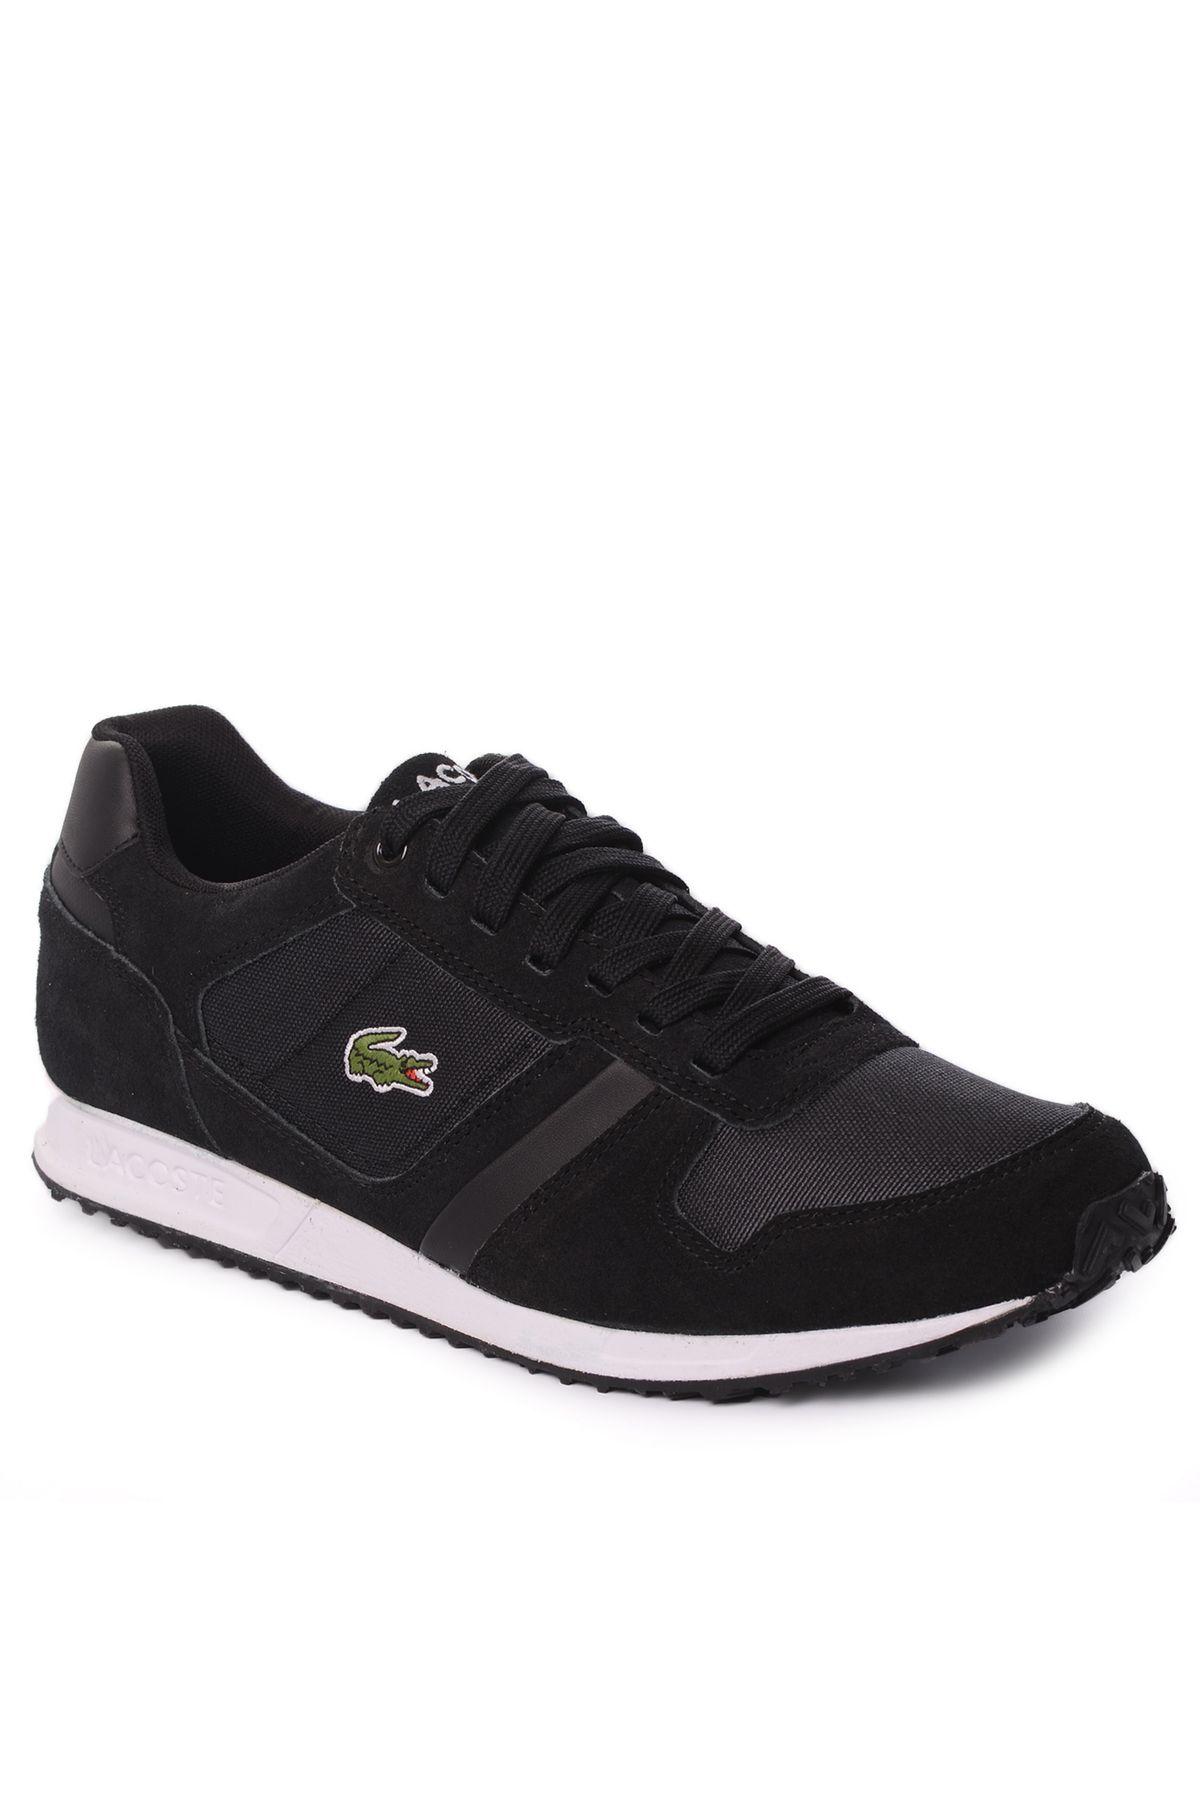 Tênis Lacoste Vauban Pag   Mundial Calçados - Mundial Calçados e69bcd2ca9